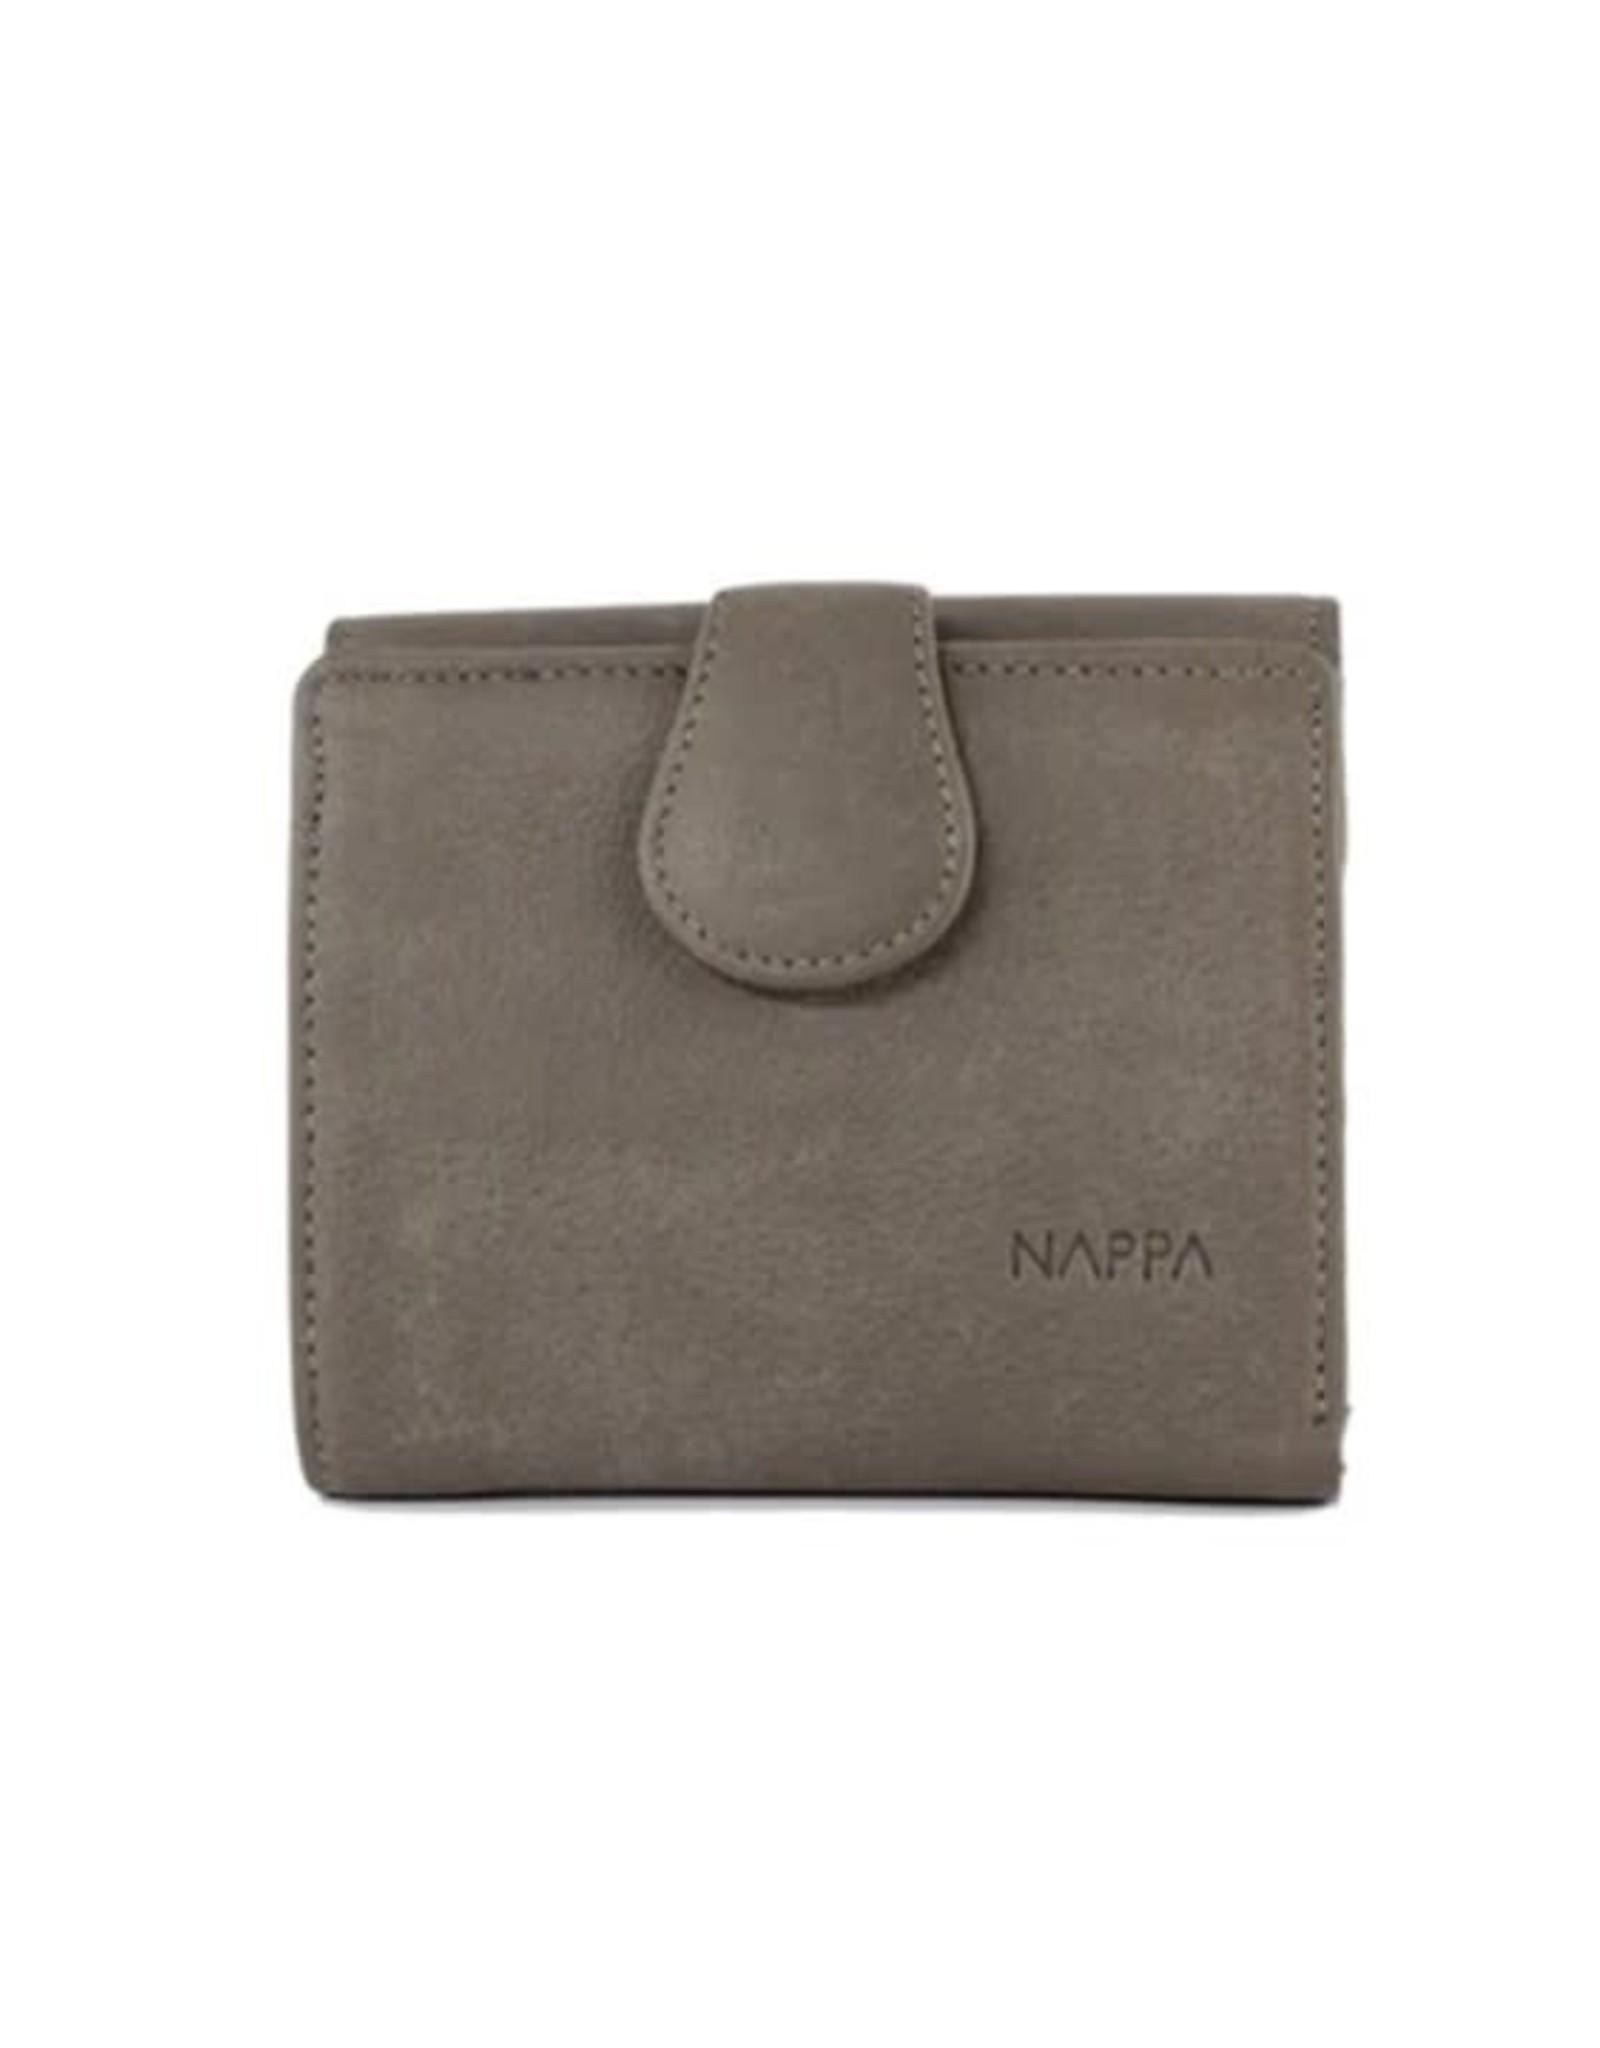 Petit portefeuille - Claire gris